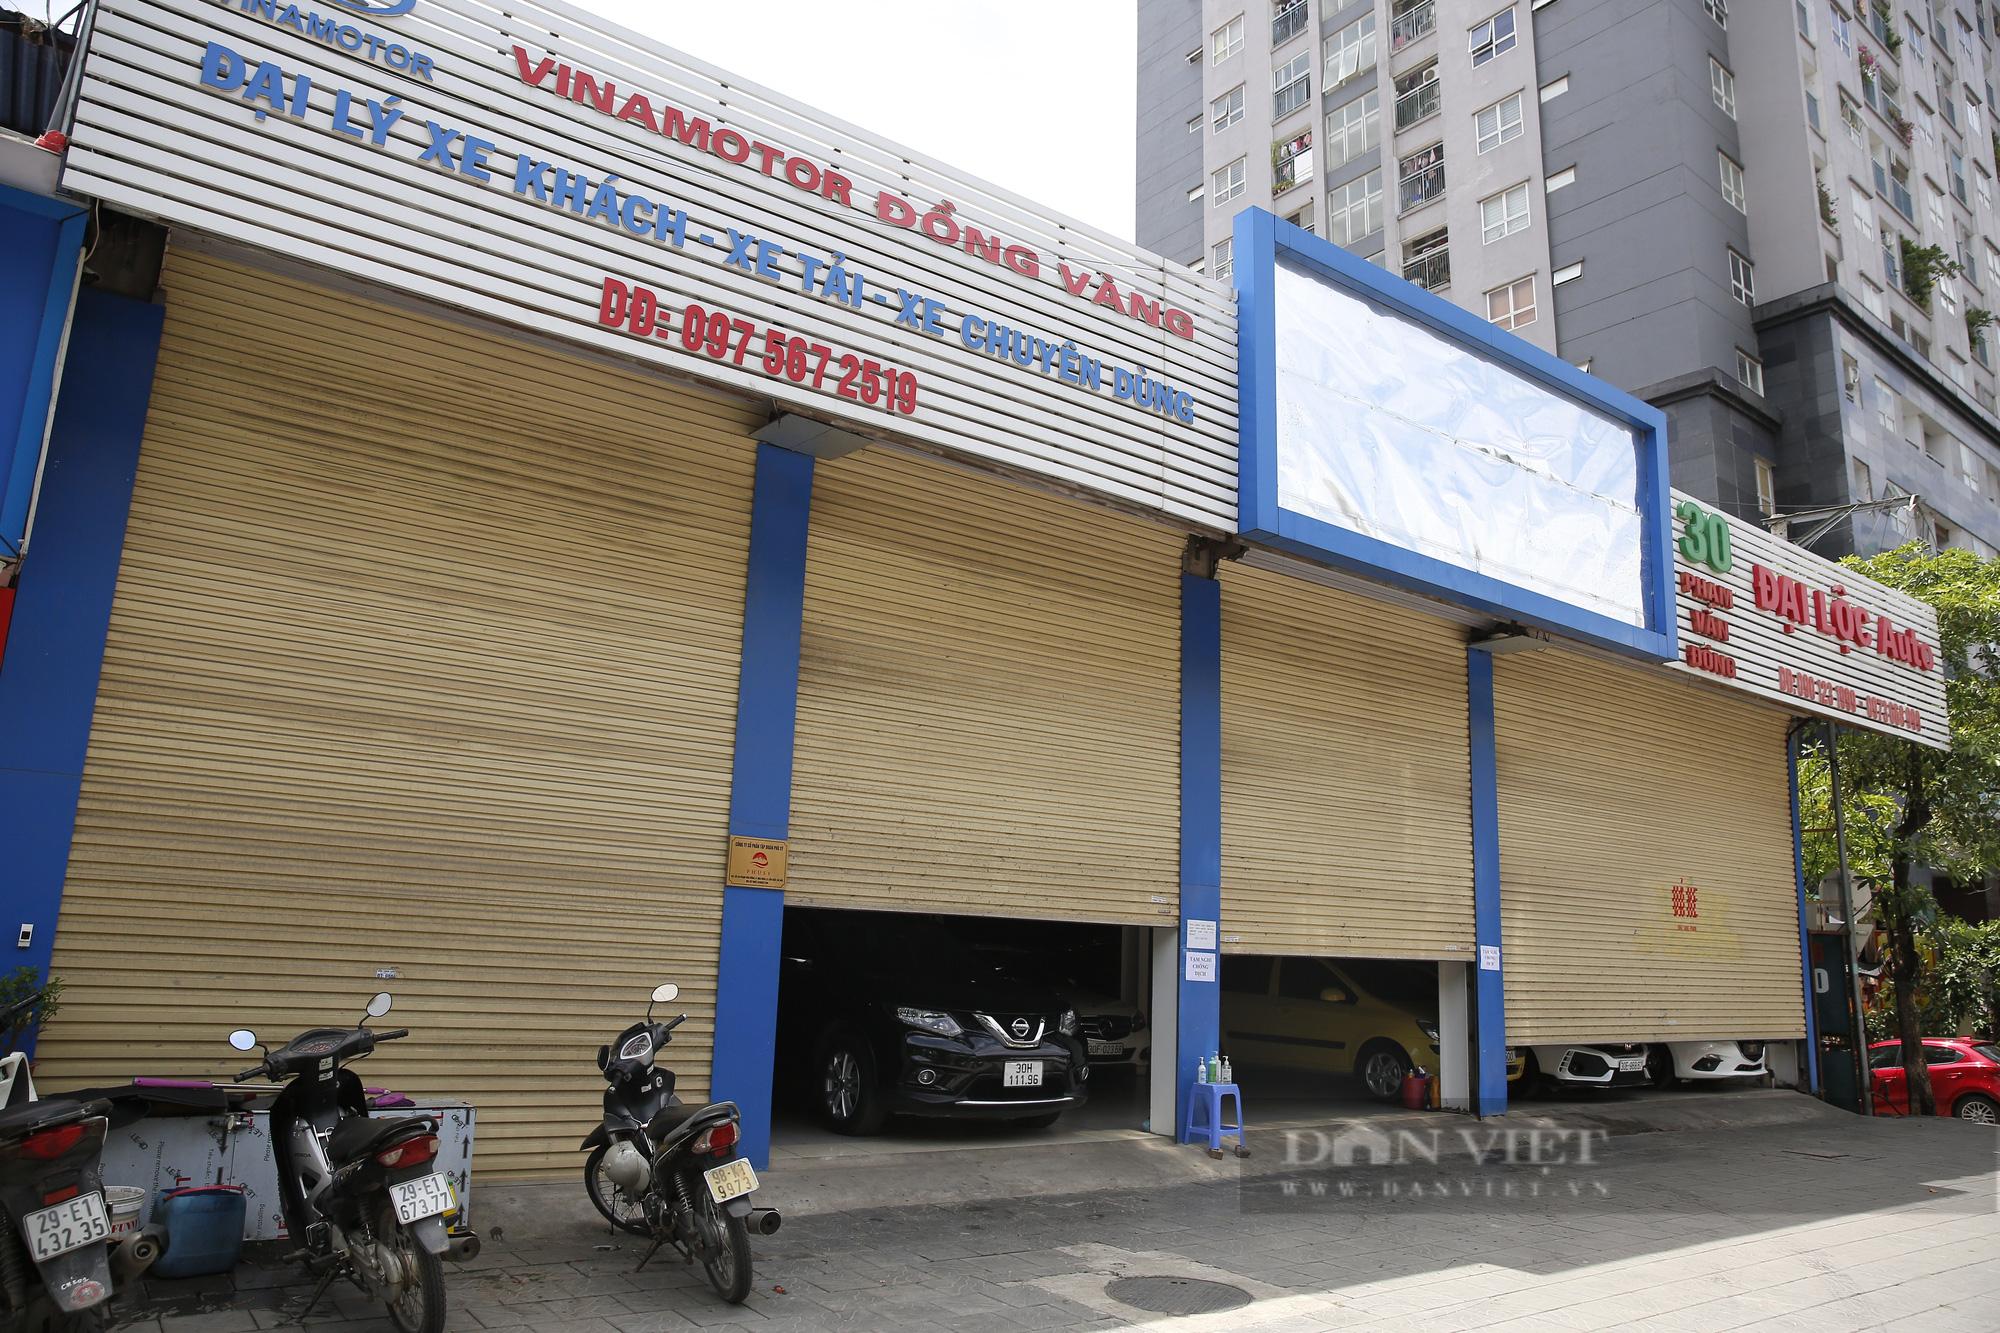 Hàng loạt showroom ô tô tại Hà Nội 'cửa đóng then cài' vì dịch Covid-19 - Ảnh 4.